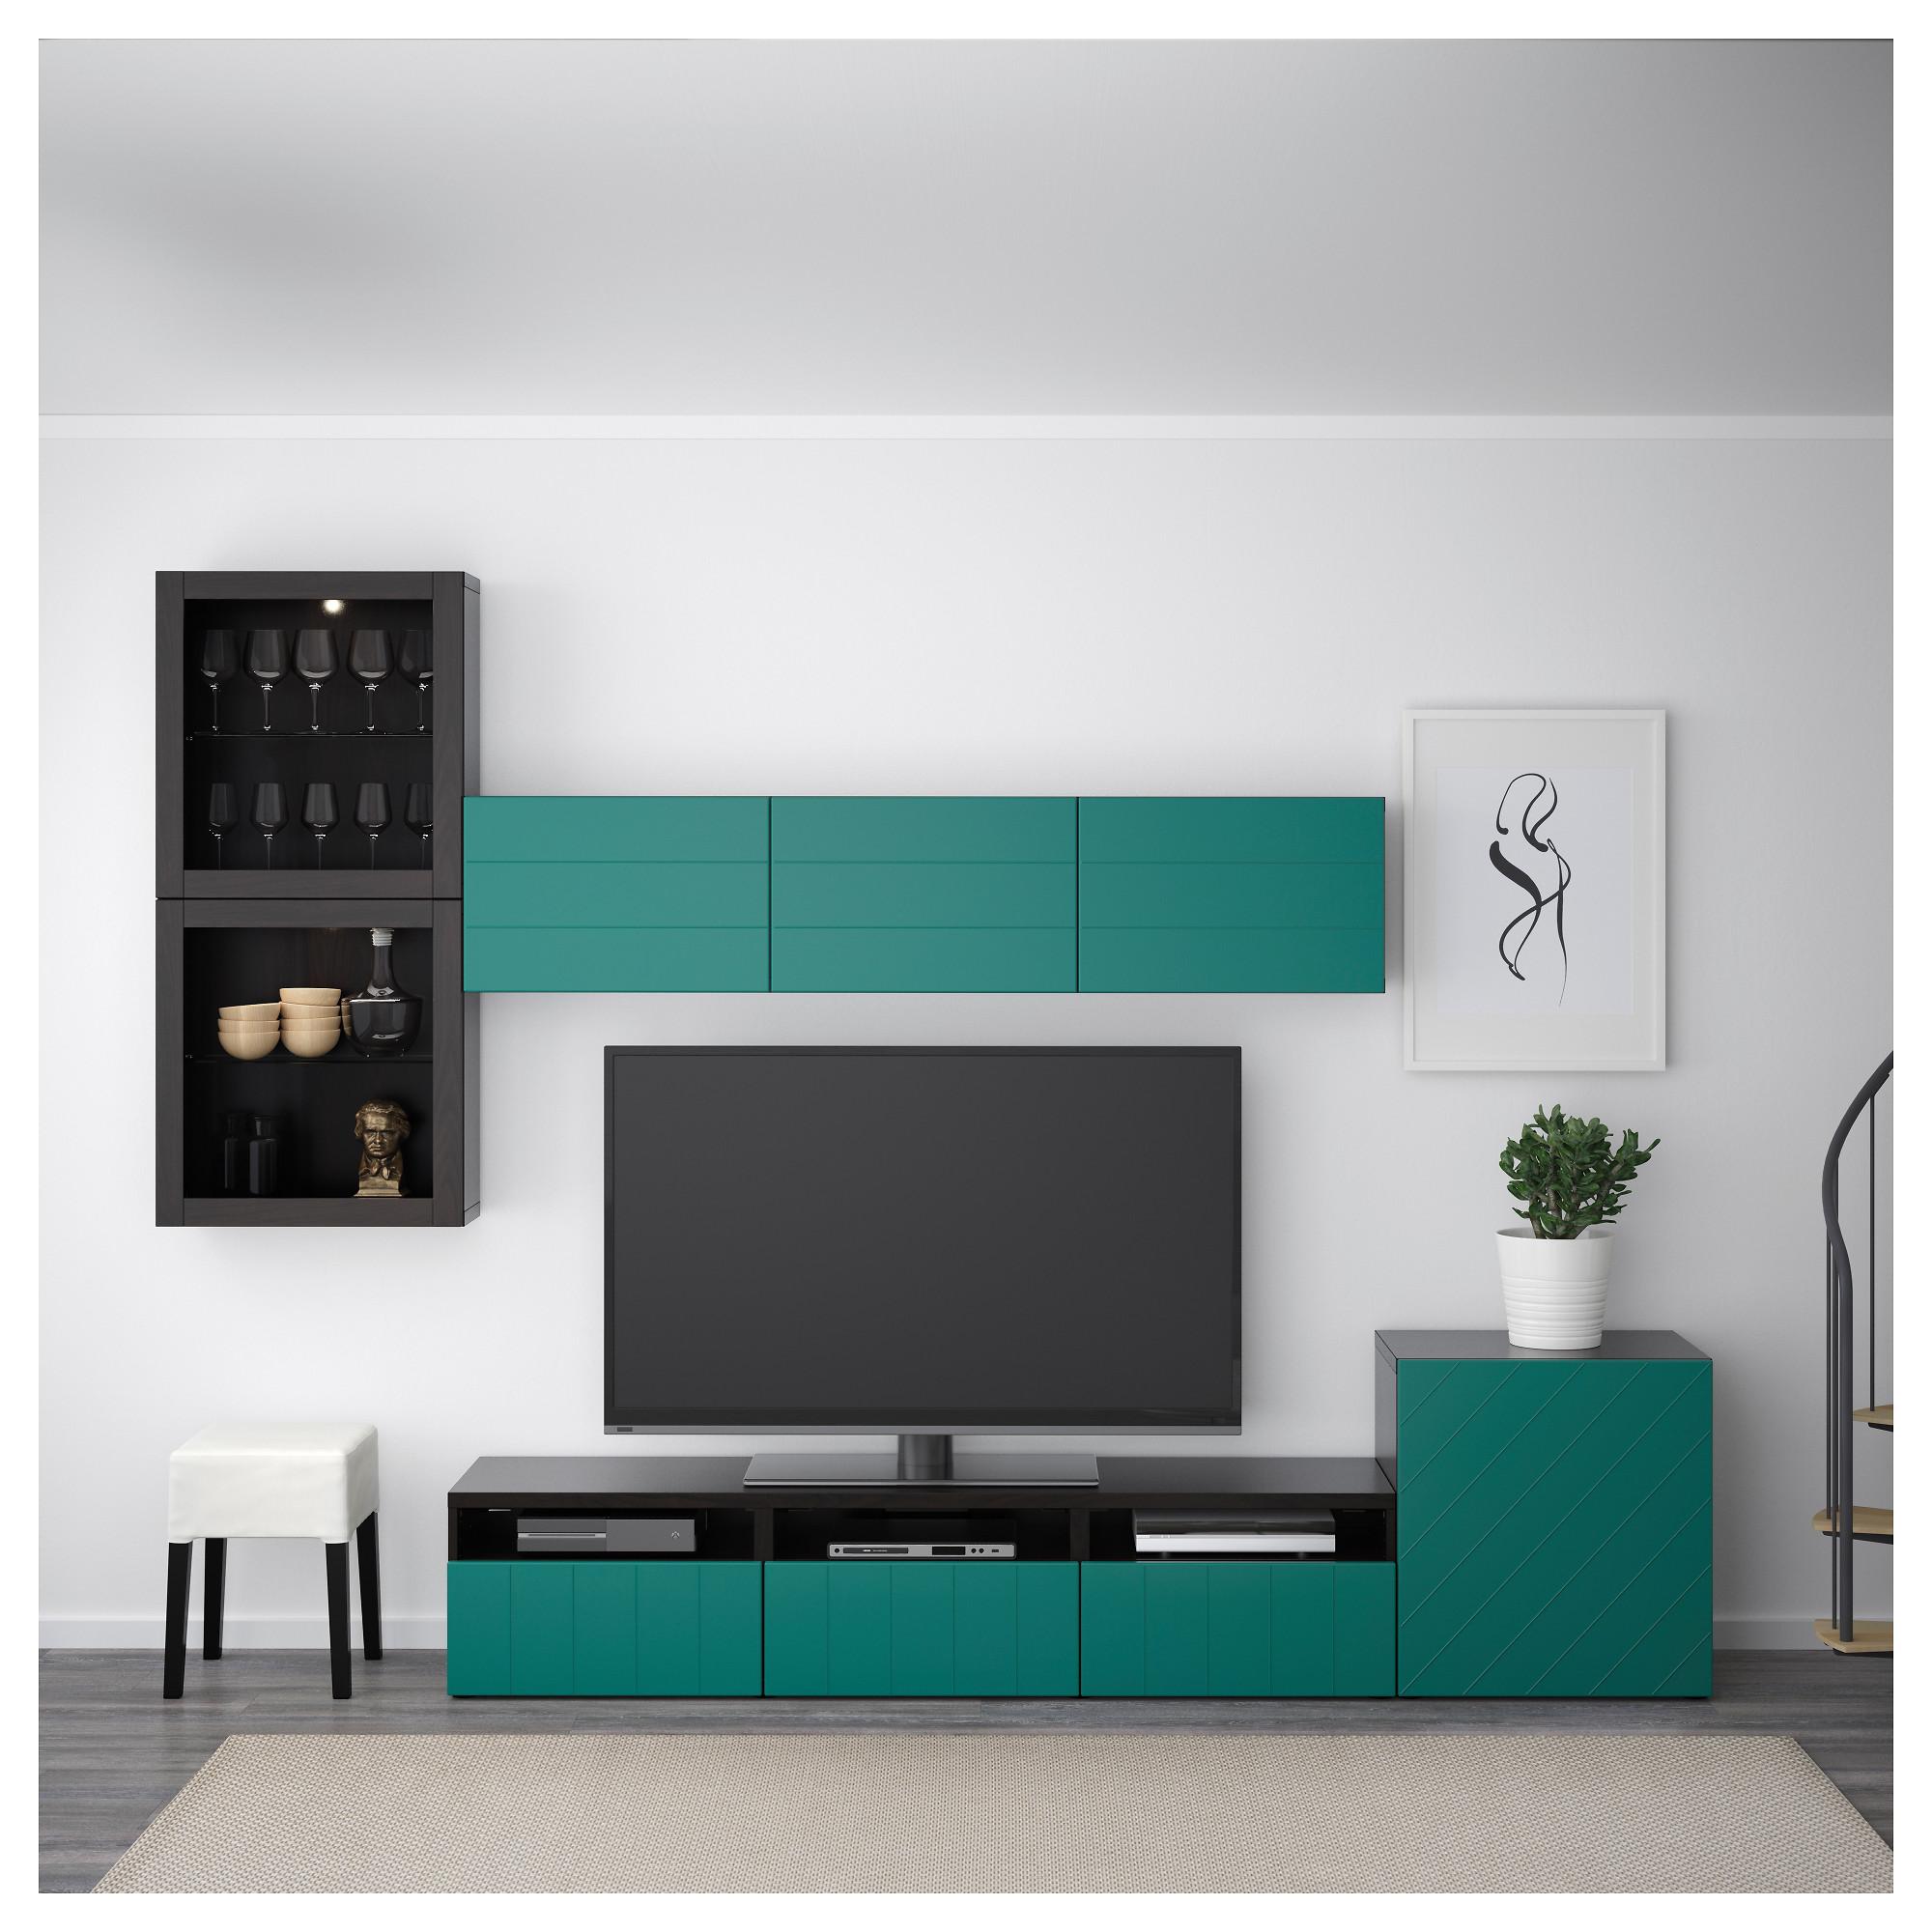 Шкаф для ТВ, комбинированный, стекляные дверцы БЕСТО сине-зеленый артикуль № 892.761.42 в наличии. Интернет сайт IKEA Беларусь. Быстрая доставка и соборка.